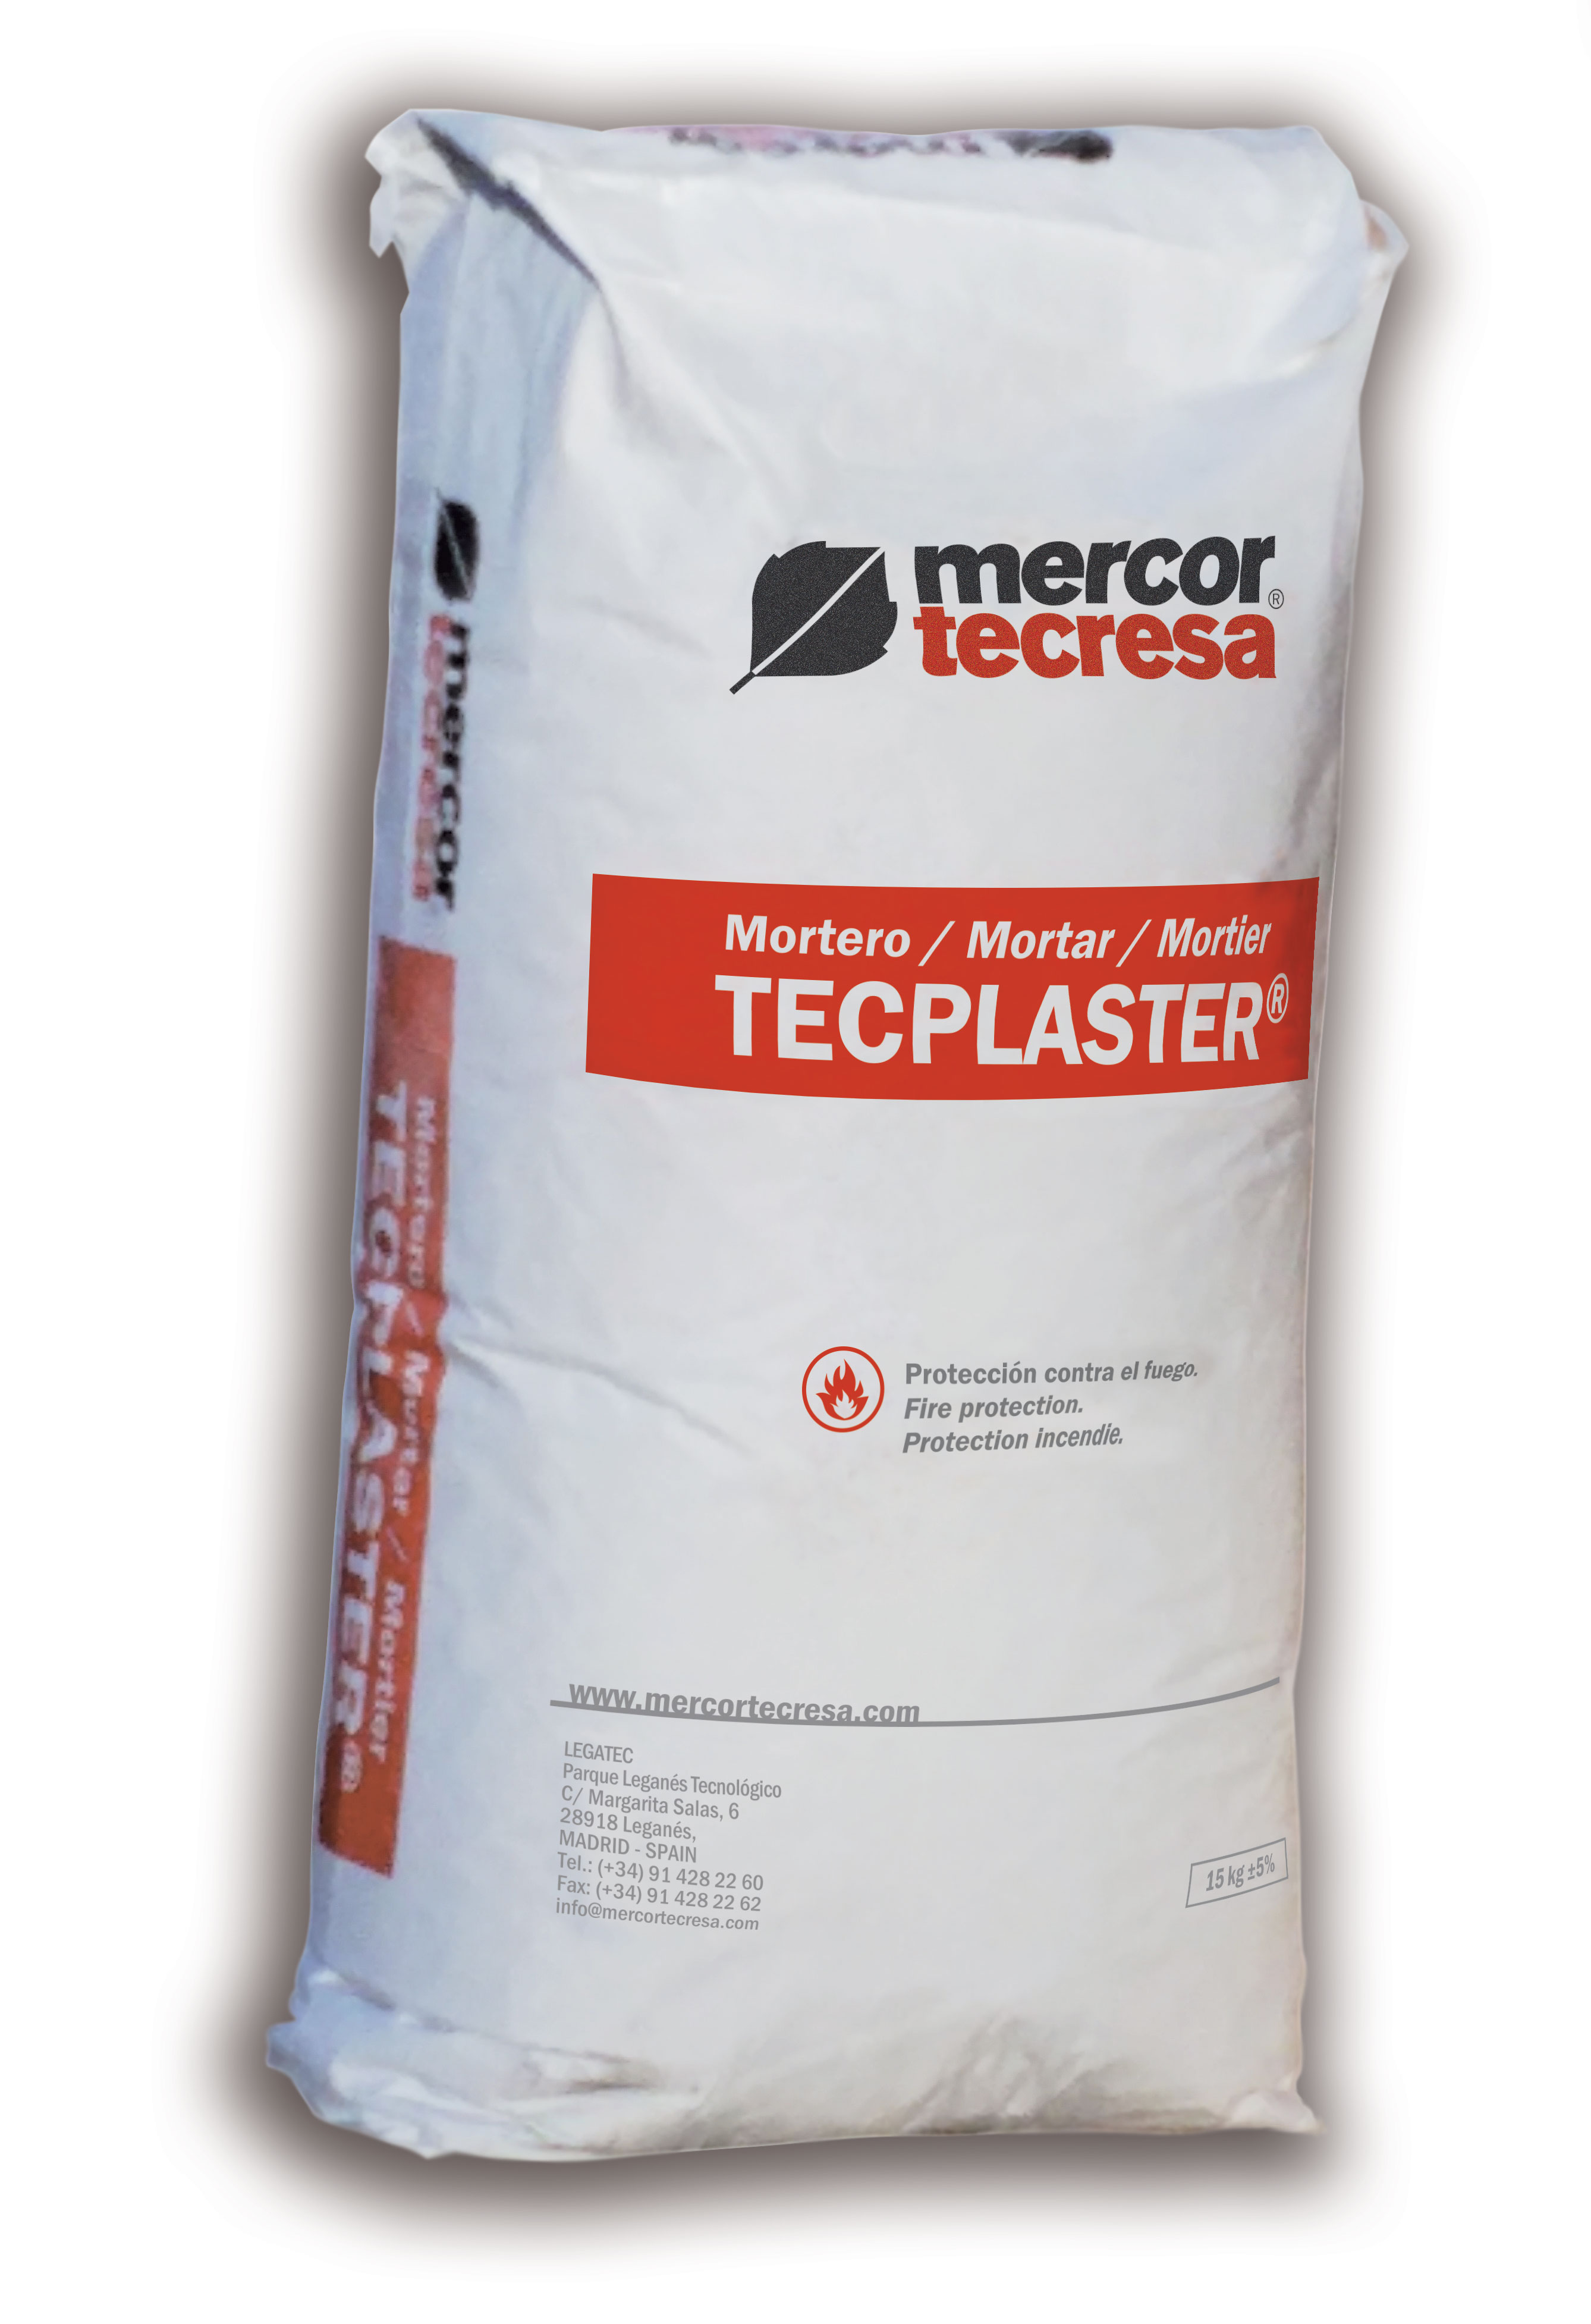 MORTERO TECPLASTER®